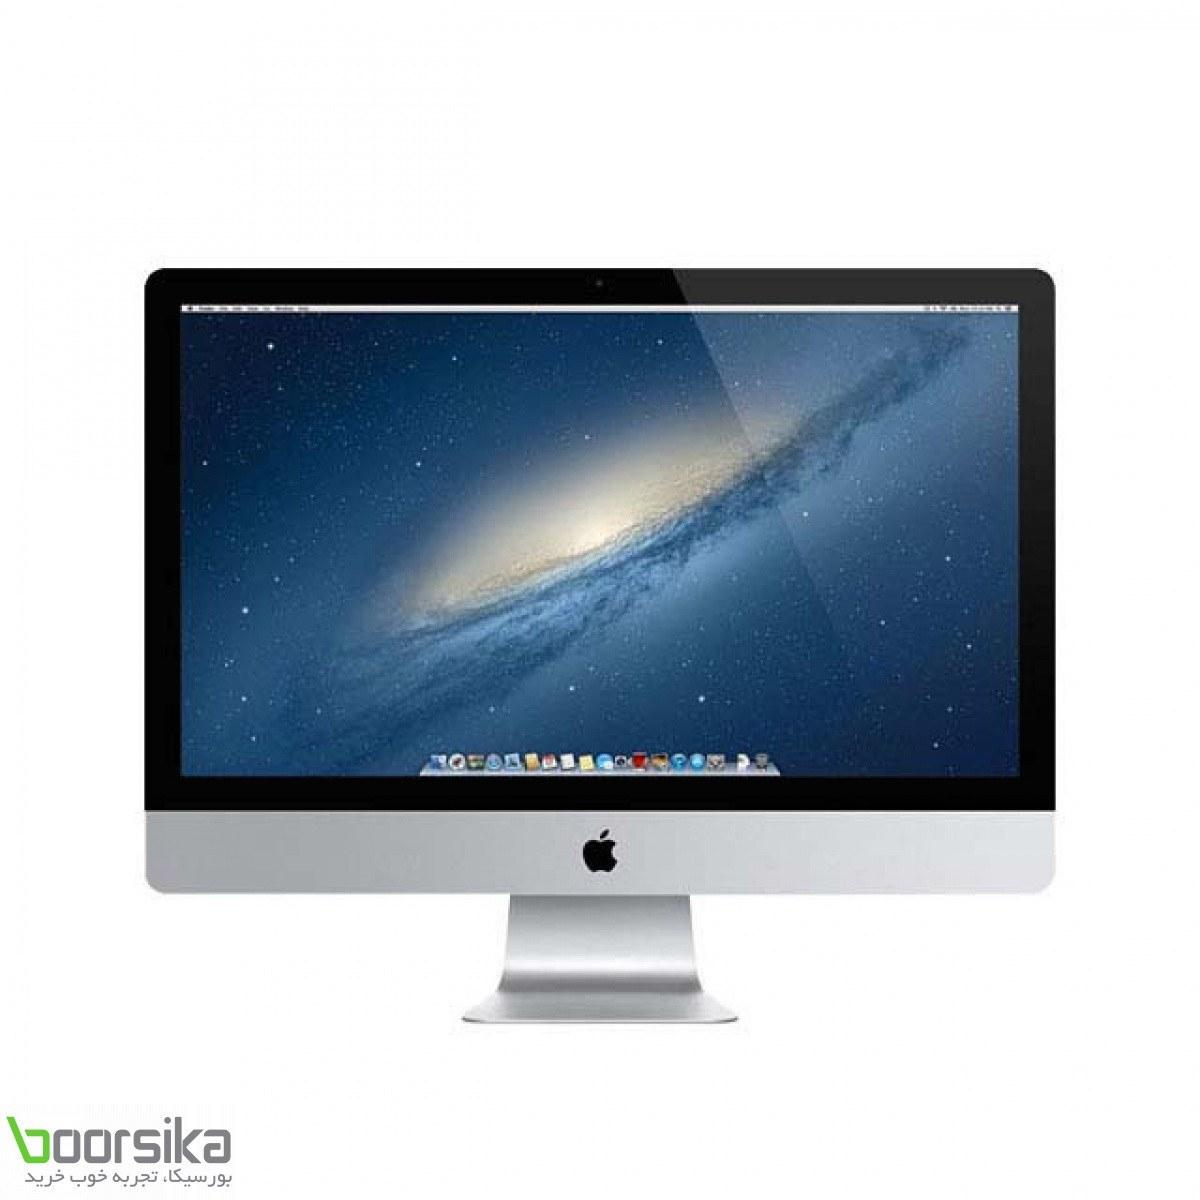 عکس کامپیوتر همه کاره 21.5 اینچی اپل iMac مدل ME089 2014 Apple New iMac ME089 2014 - 27 inch All-in-One PC کامپیوتر-همه-کاره-215-اینچی-اپل-imac-مدل-me089-2014